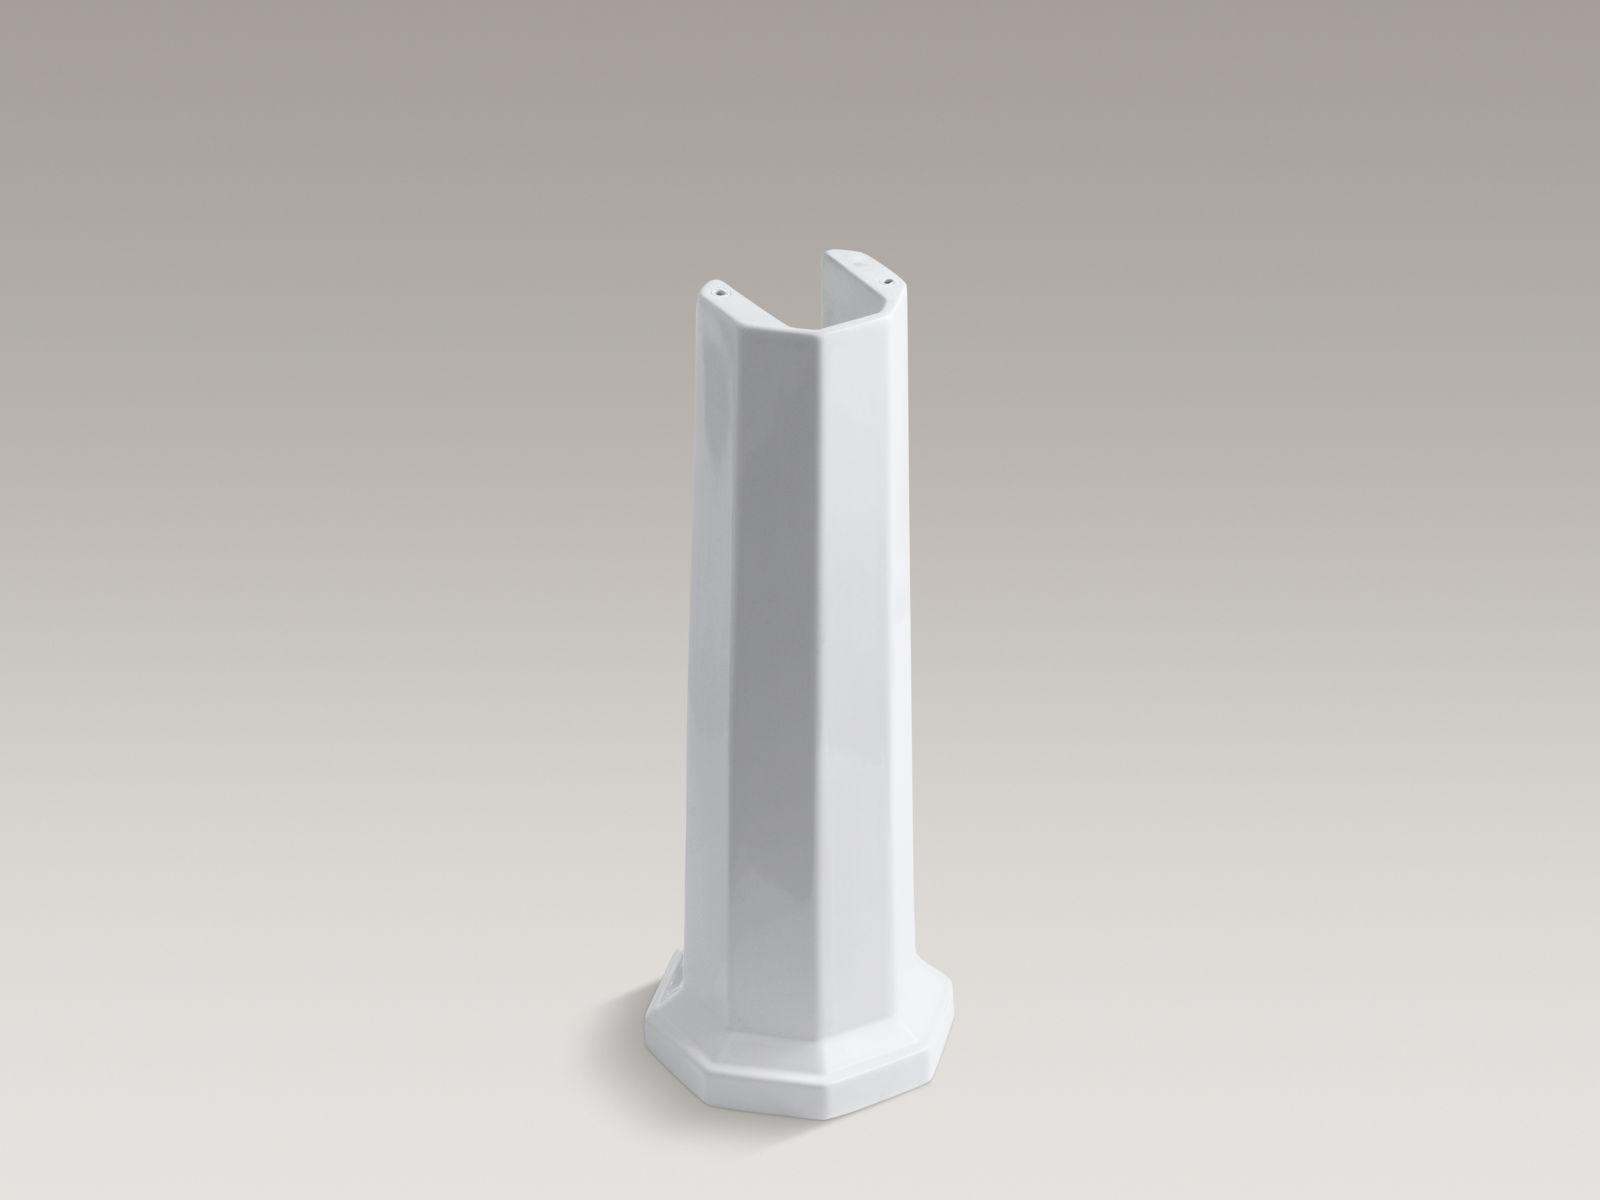 Kohler K-2324-0 Kathryn Pedestal Leg White